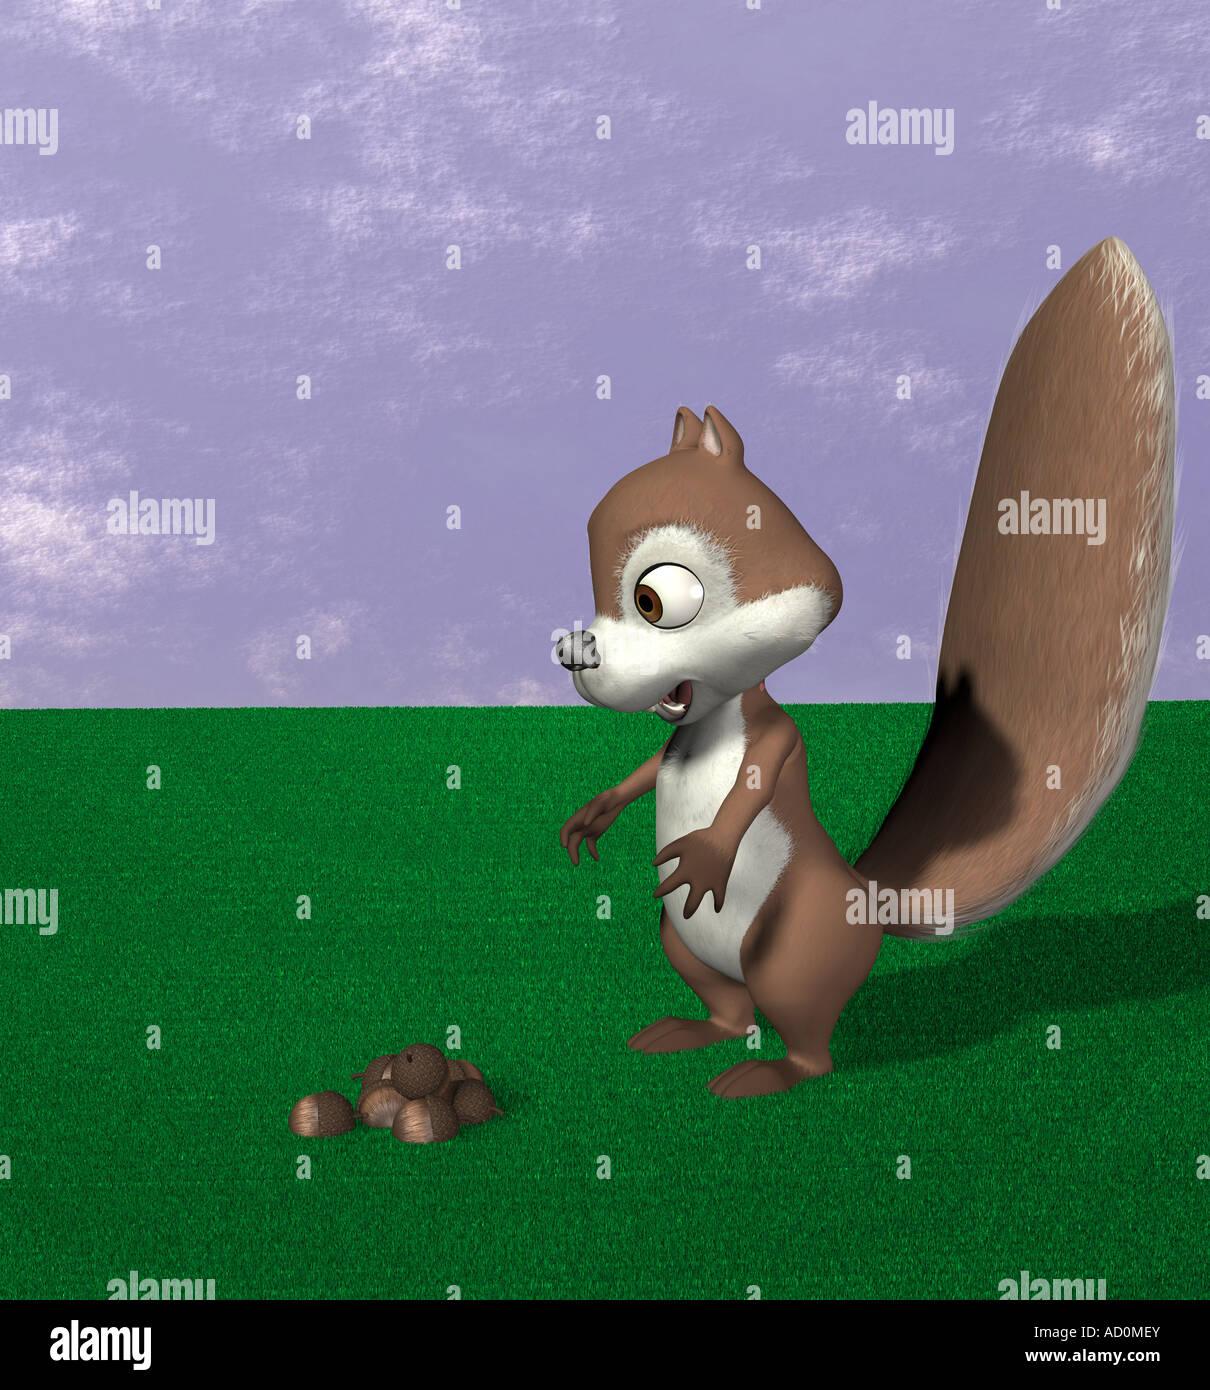 Squirrel - Stock Image